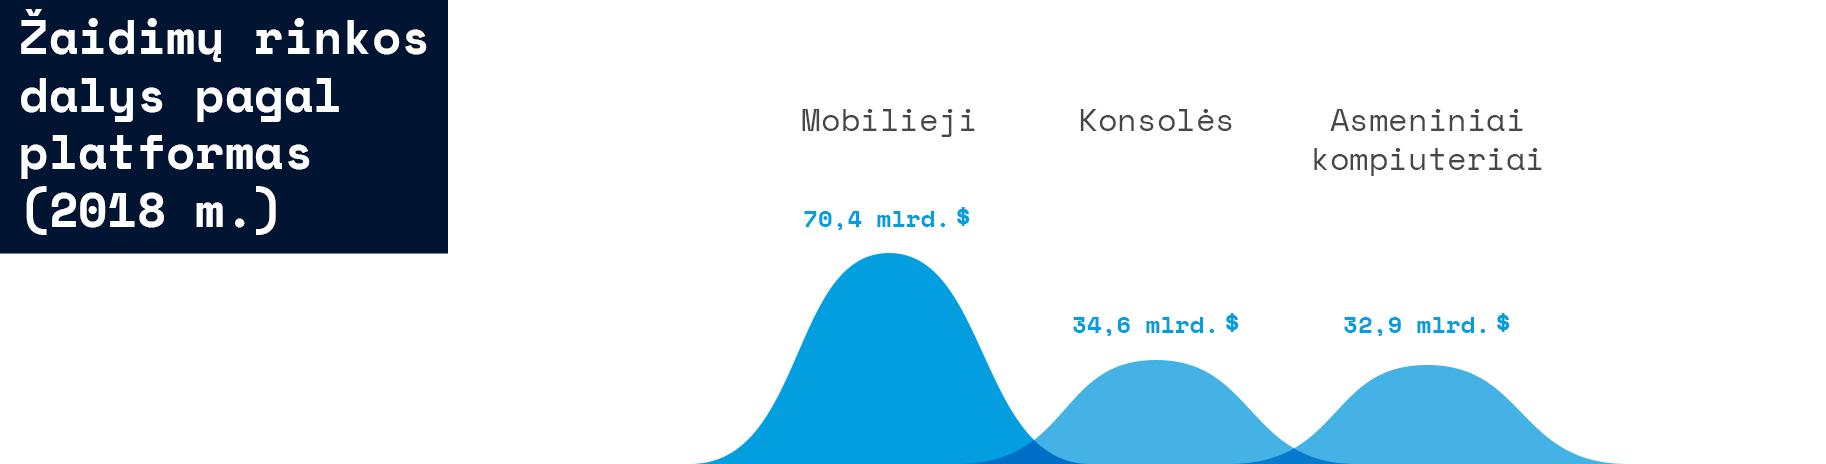 tele2-inovaciju-biuro-infografikas#3